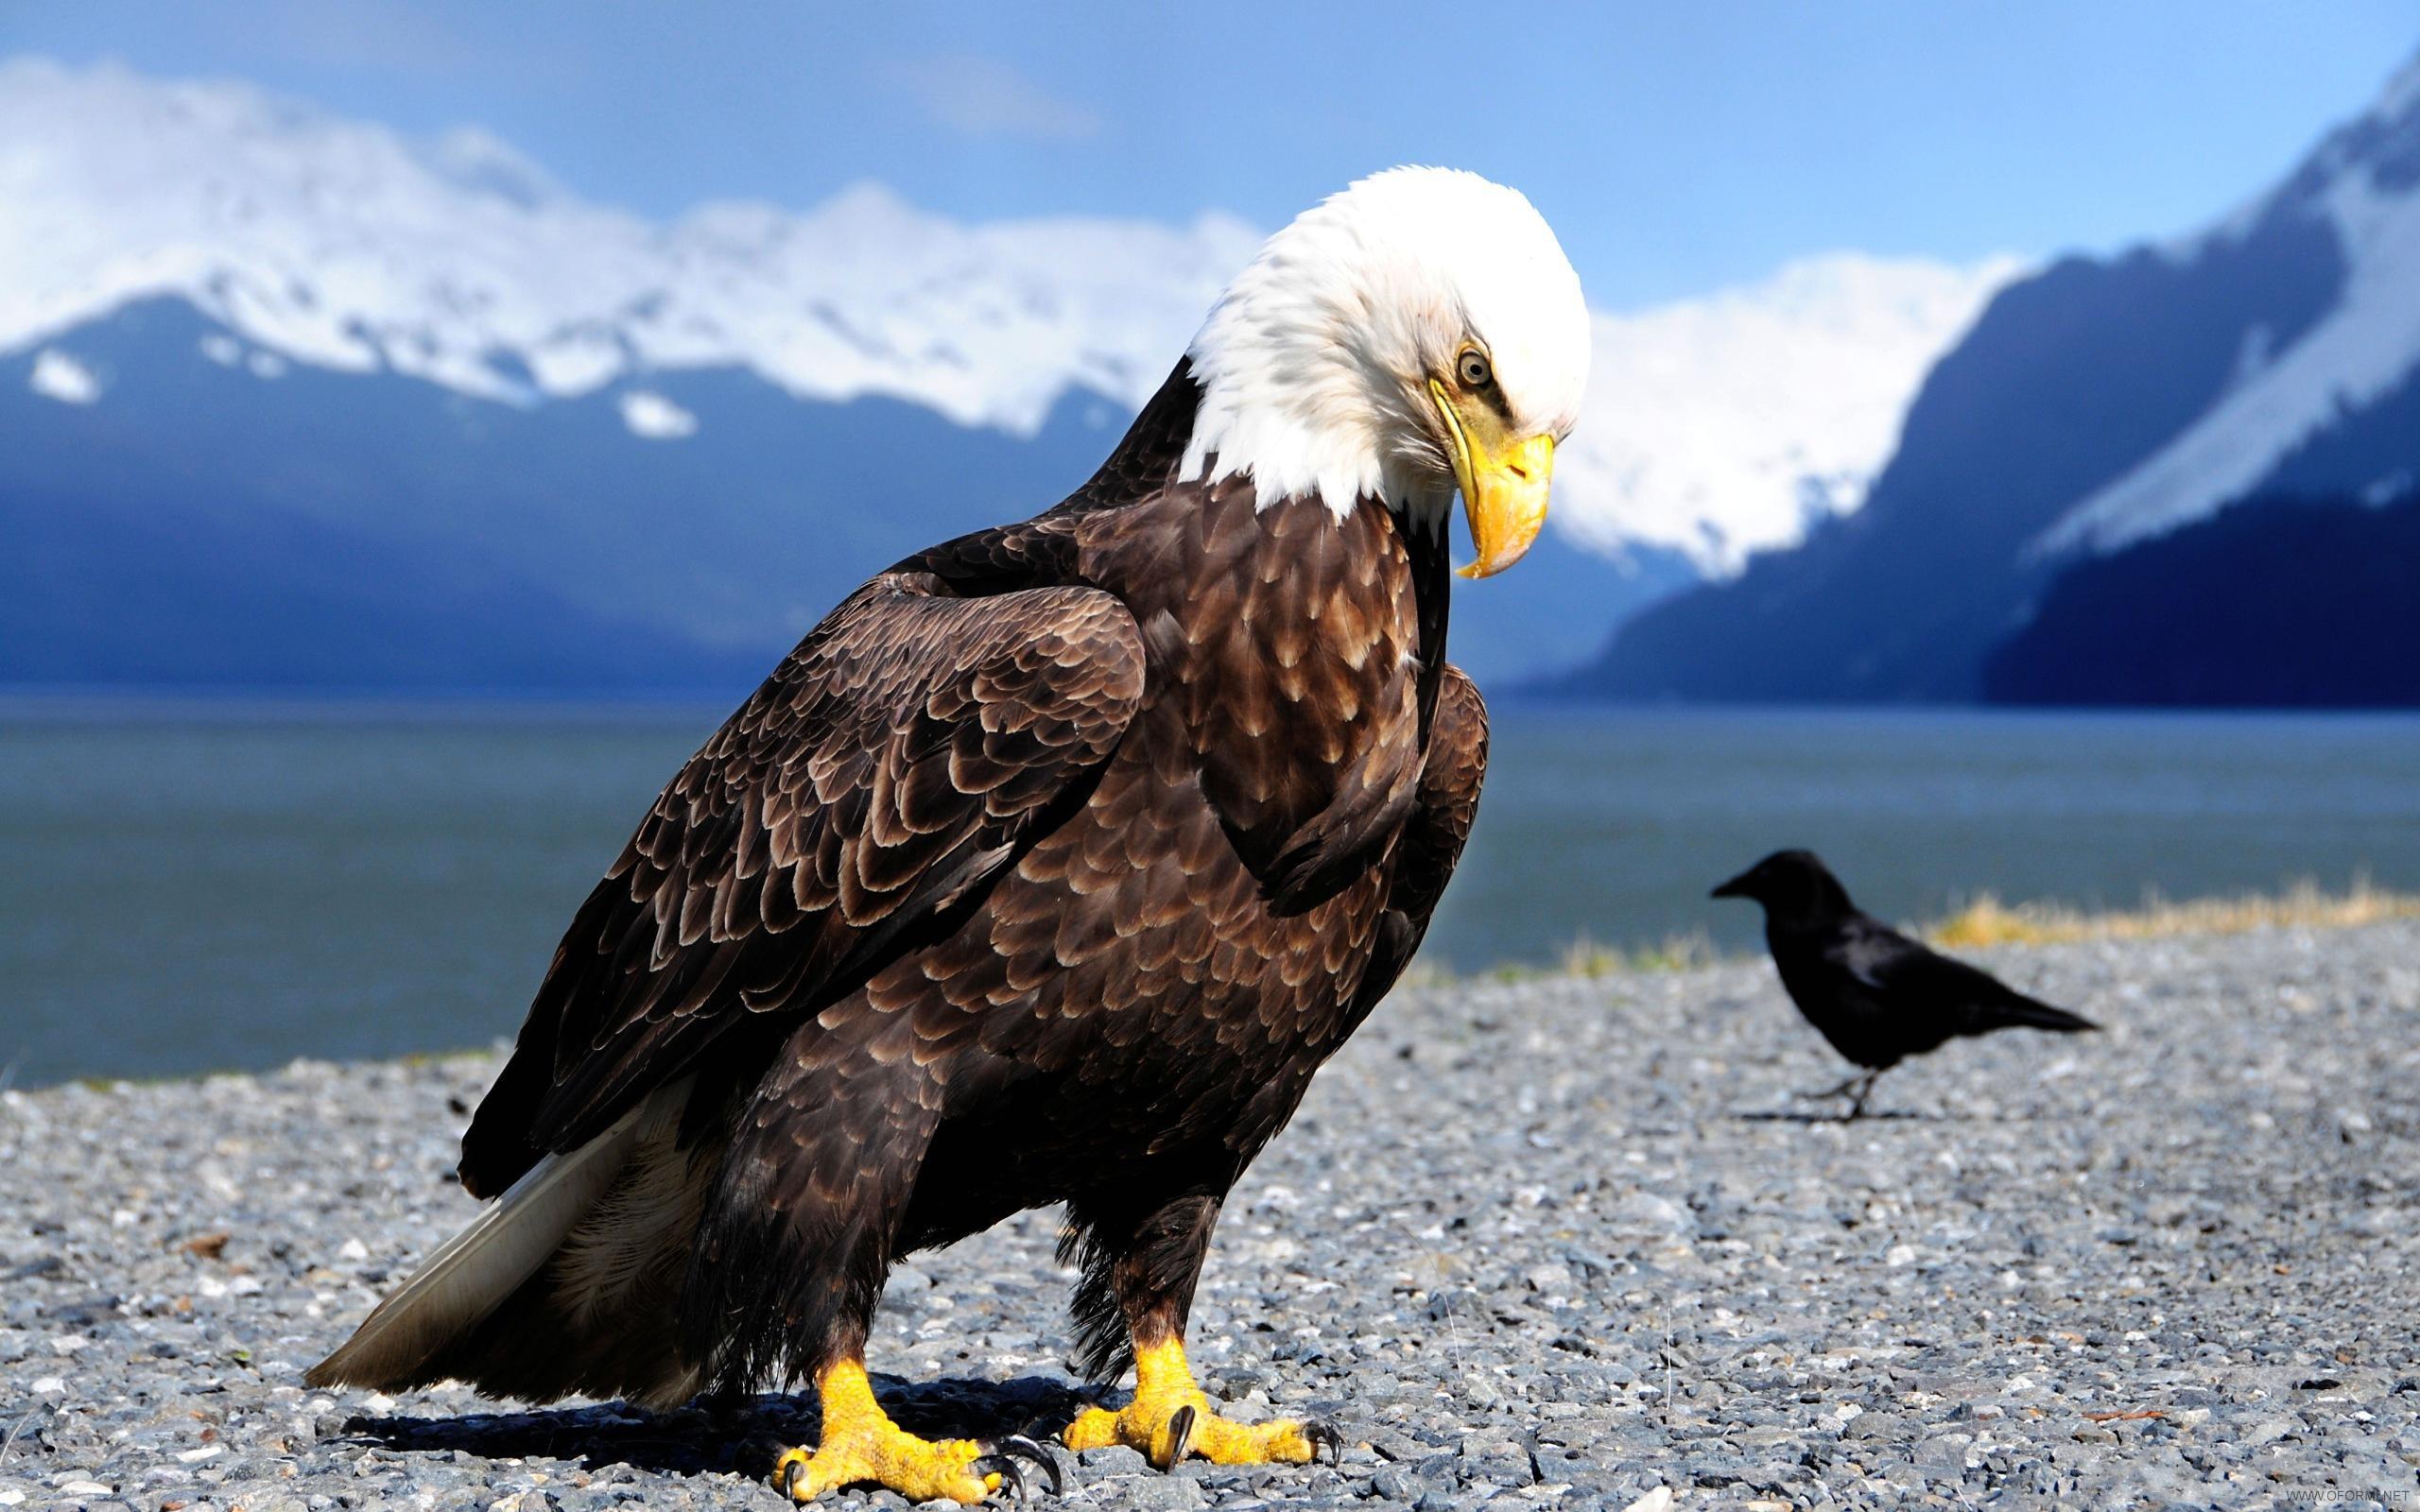 орел сидит на земле, фото, обои для рабочего стола